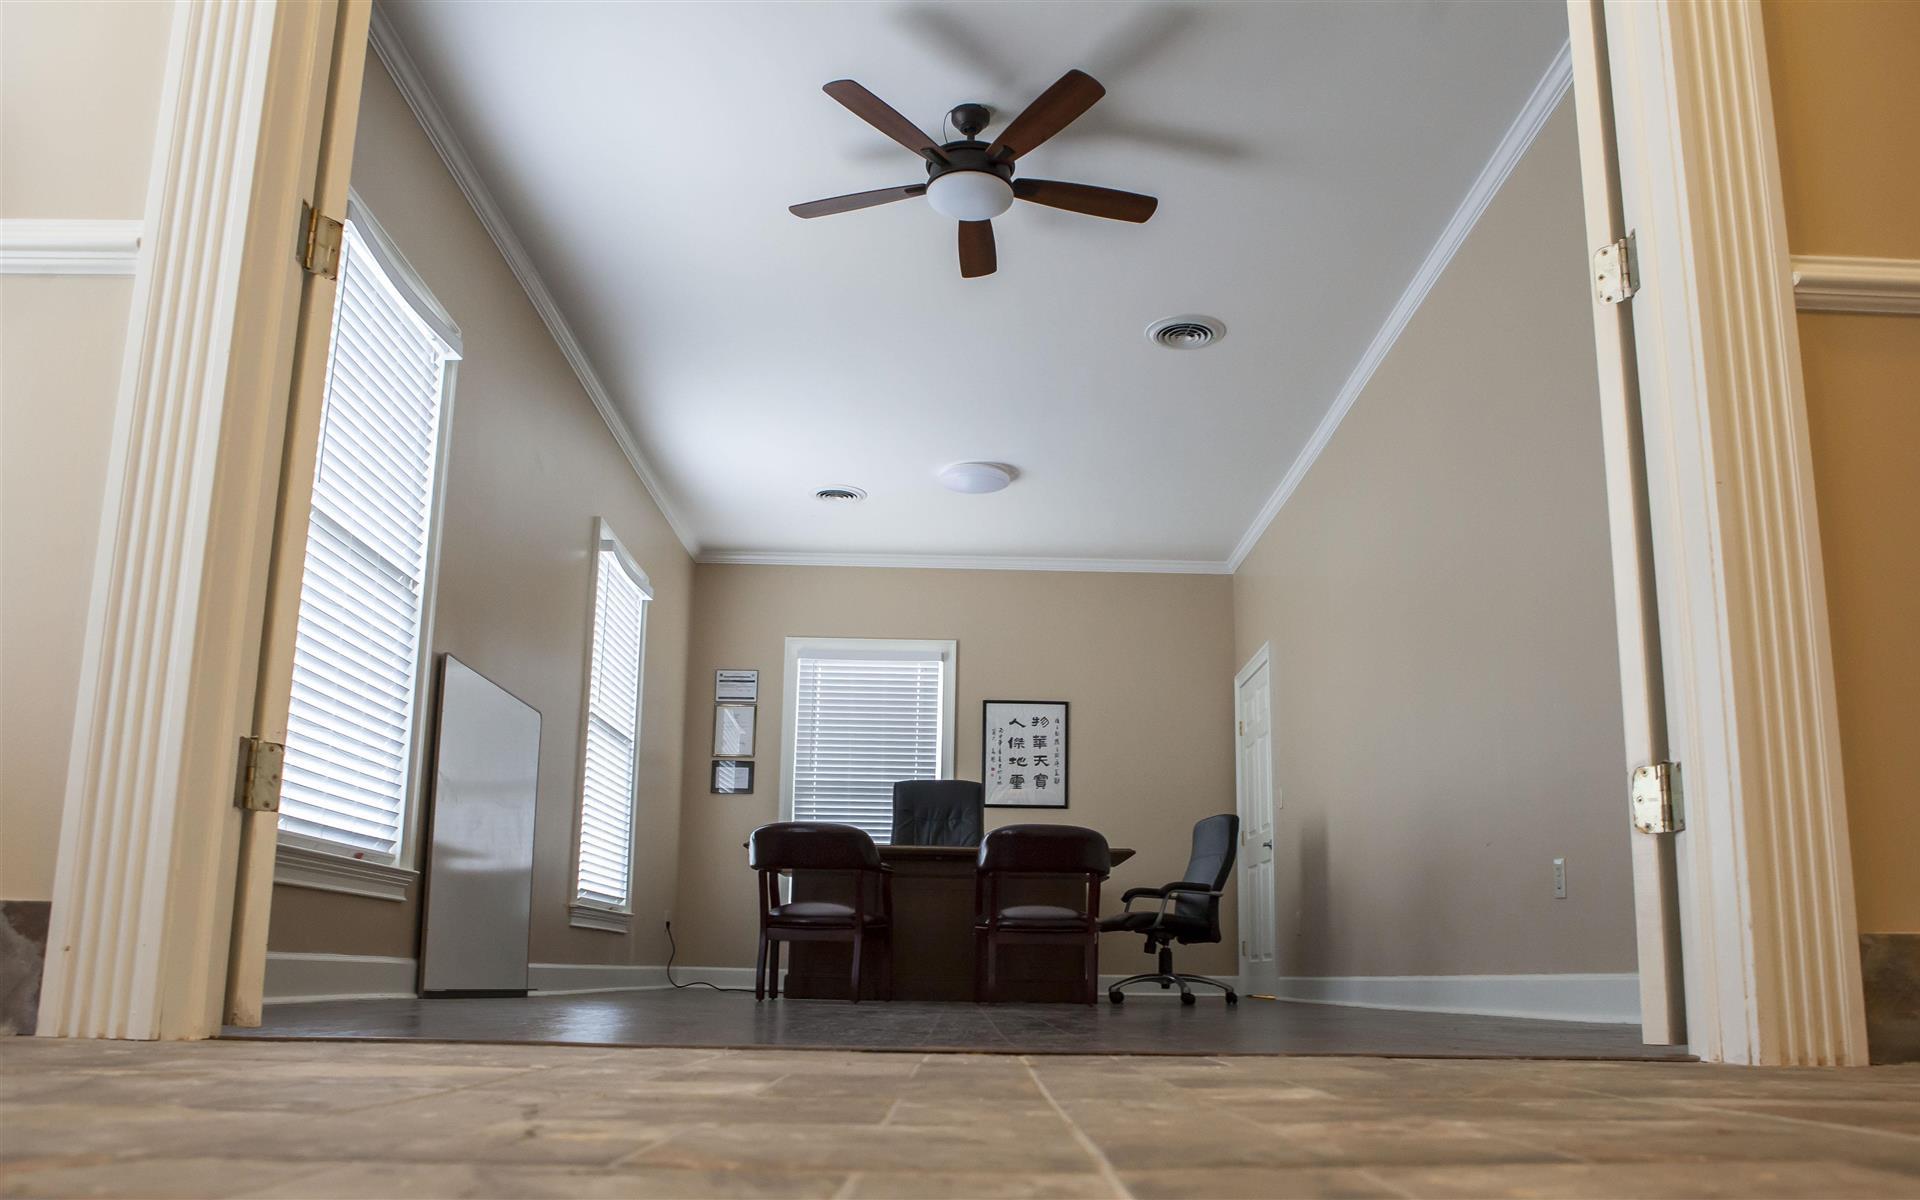 SATEL, LLC - Office Suite 201 / 1,600 sq ft